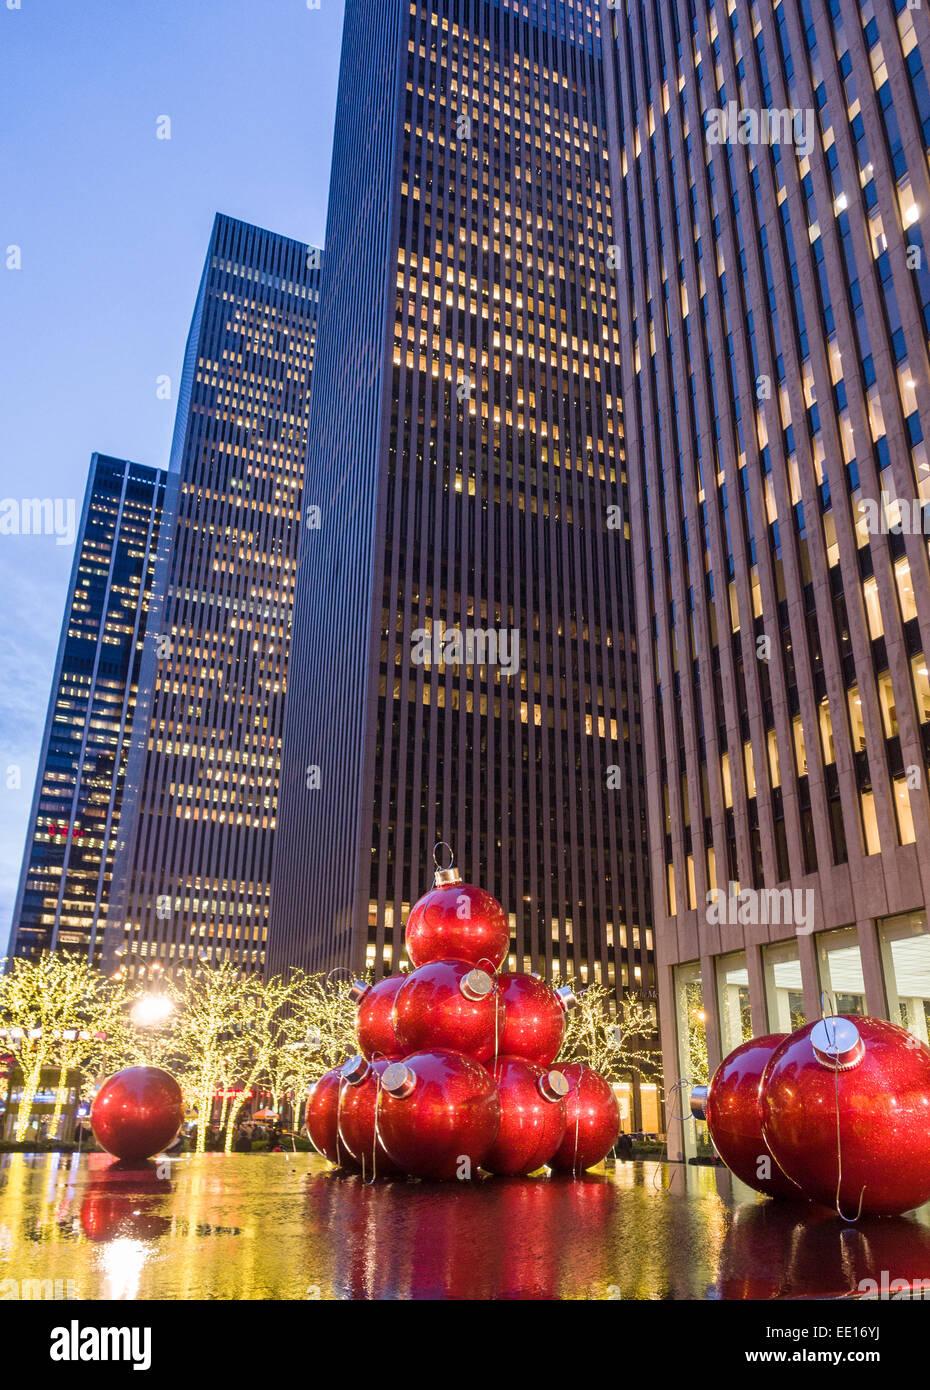 Bolas de Navidad gigante roja debajo de las torres. Vista de noche de enormes bolas de Navidad coloca anualmente Imagen De Stock